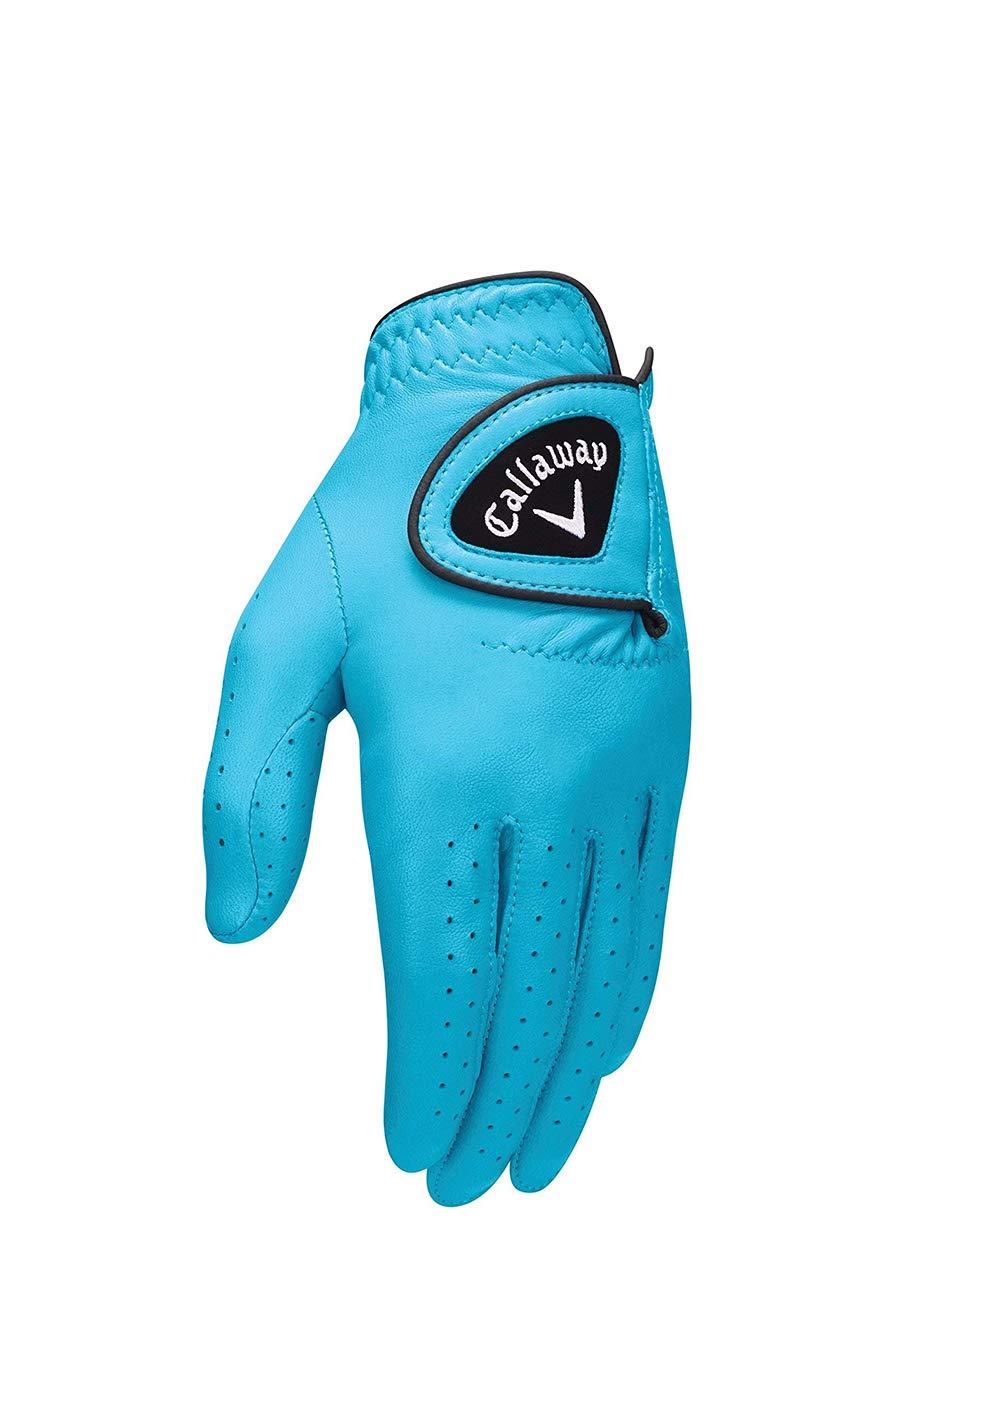 Callaway 2016 Opticolor Glove Ladies Right Aqua